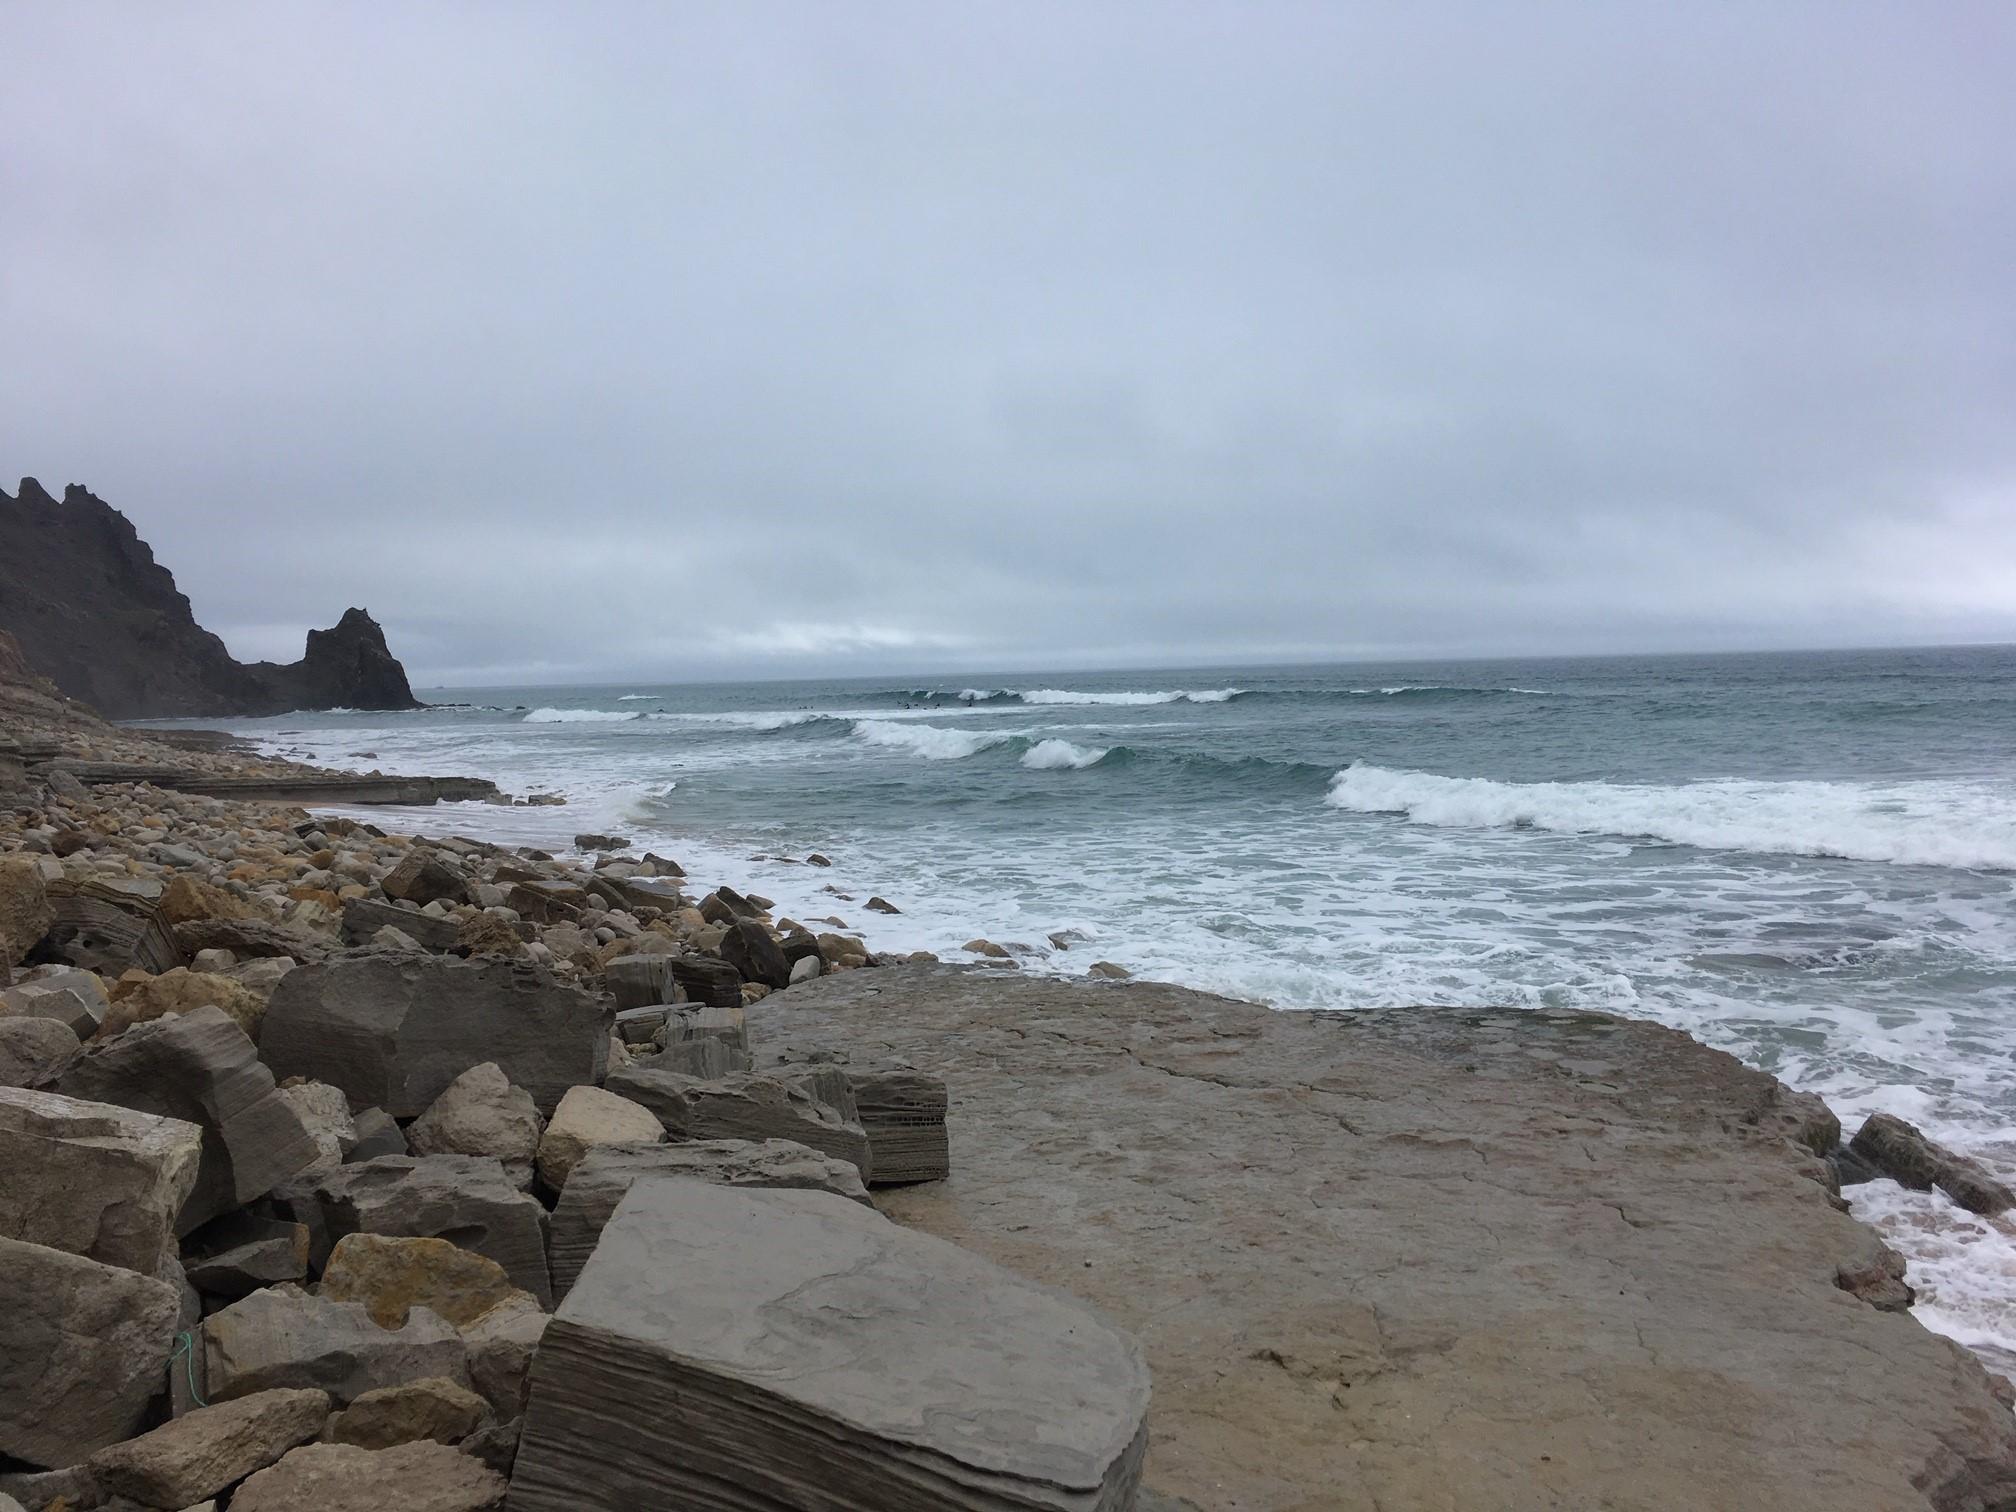 Luz surf line up grey sky